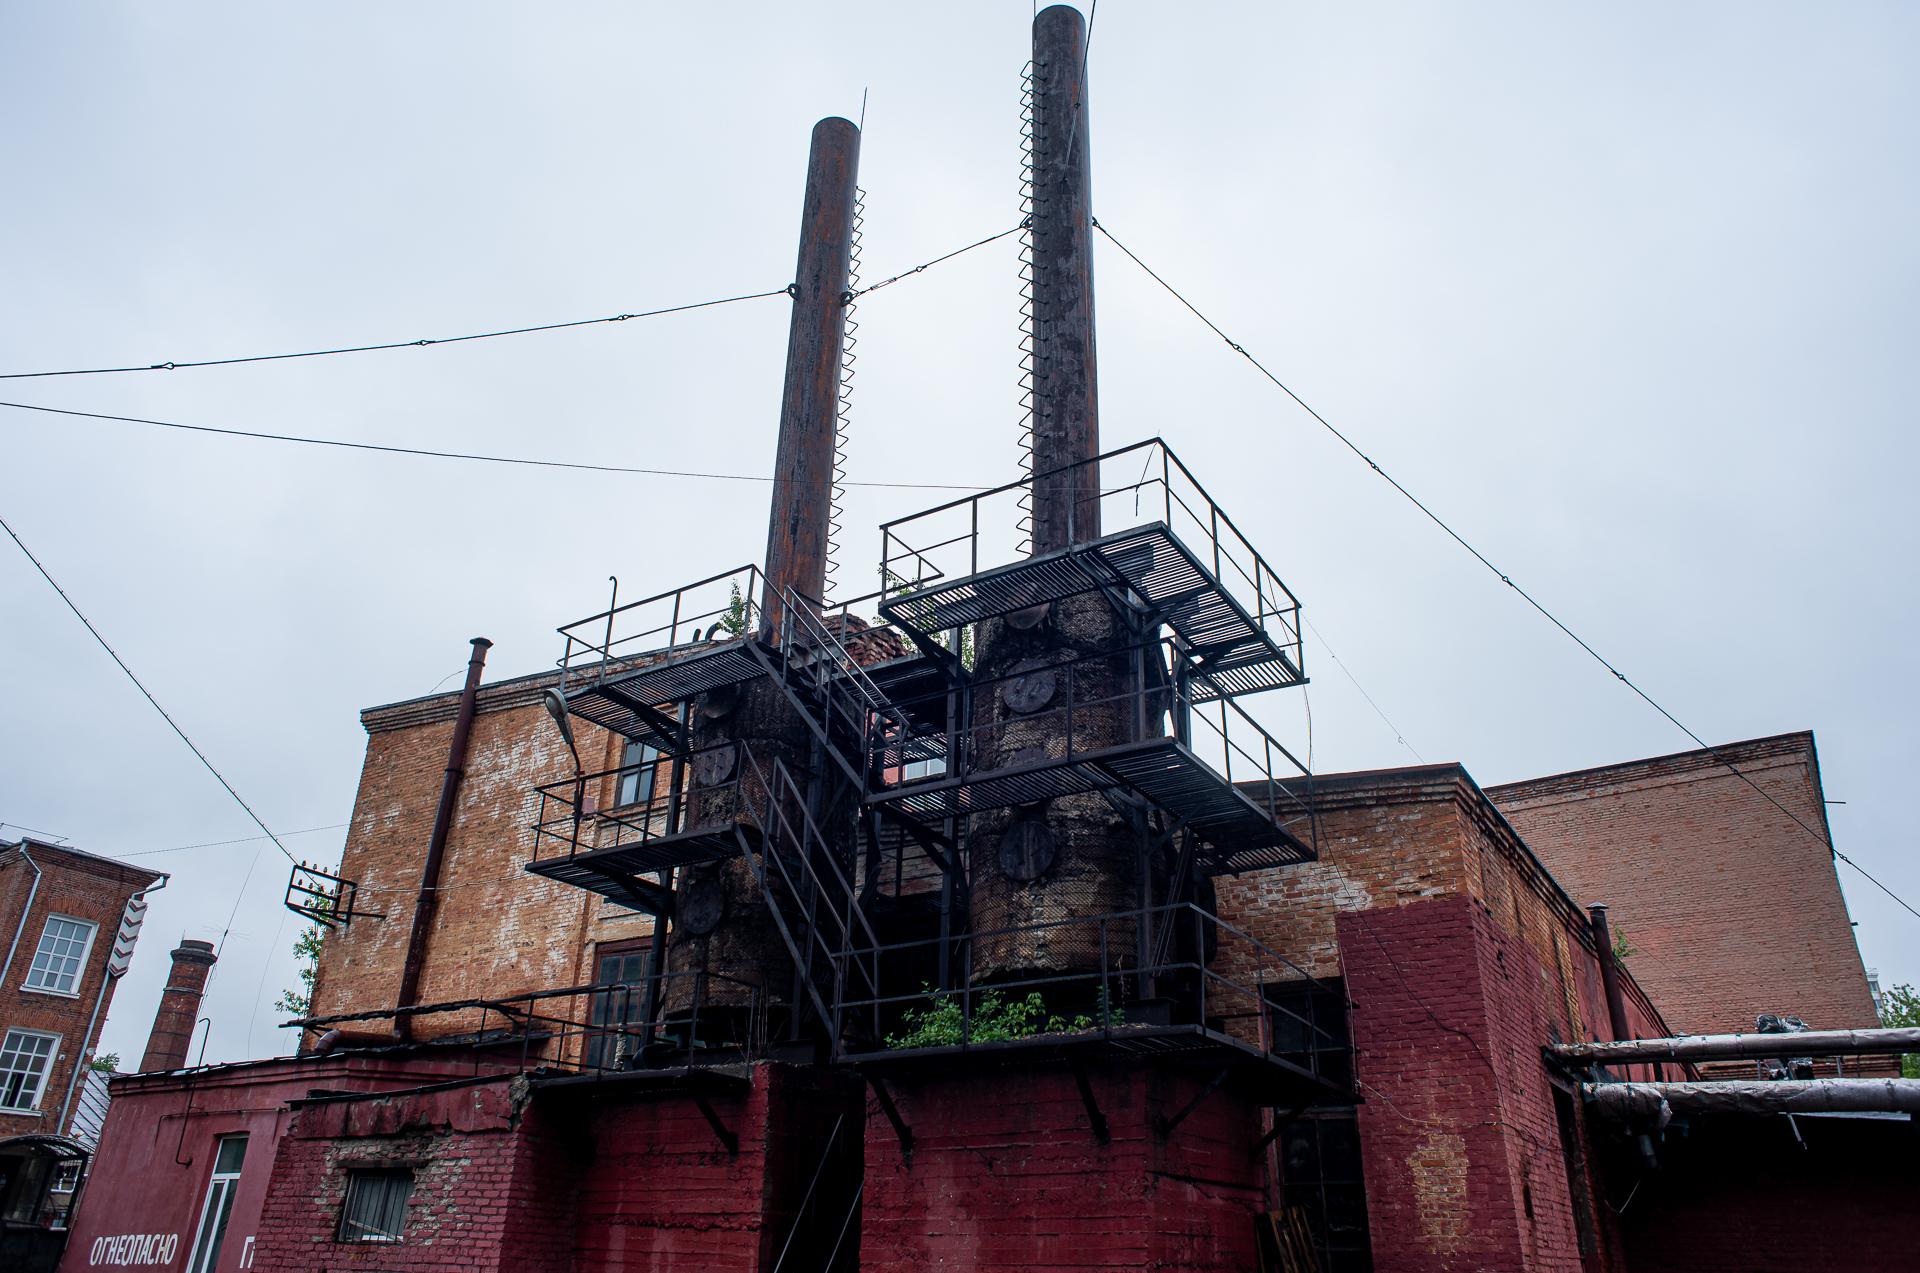 Балашиха, Балашихинская хлопкопрядильная фабрика